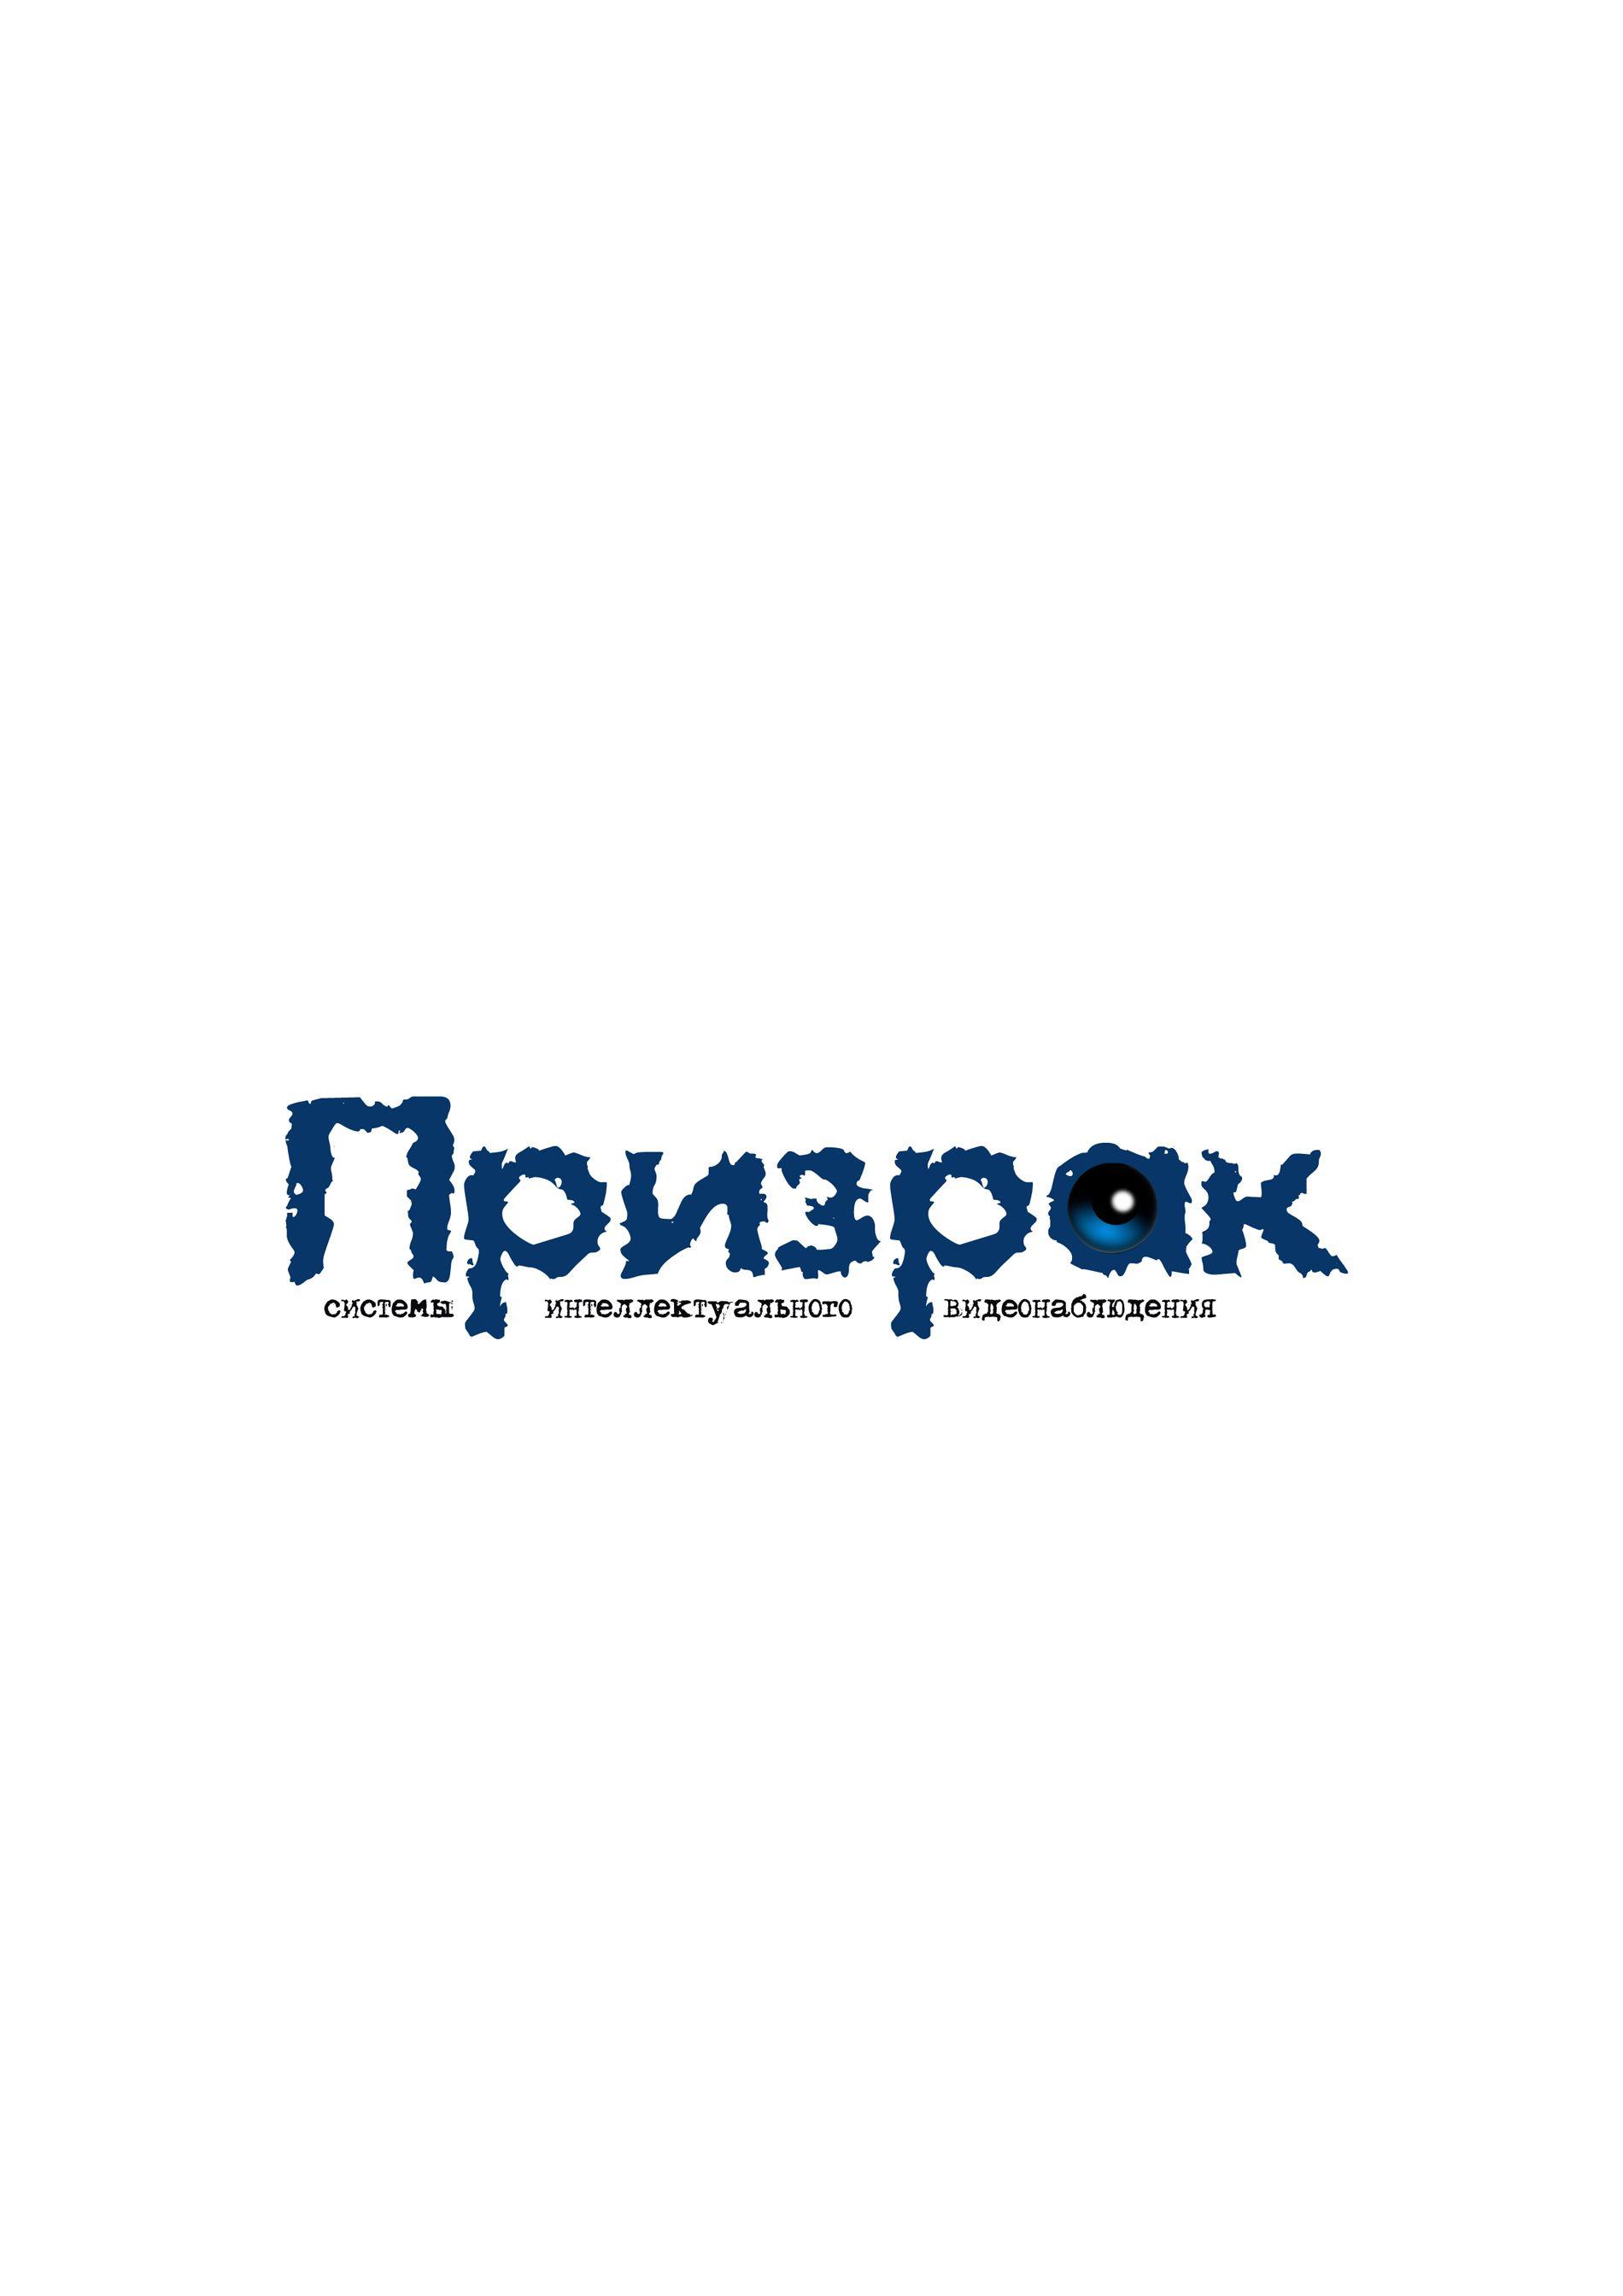 Разработка логотипа - дизайнер AlanMinskii